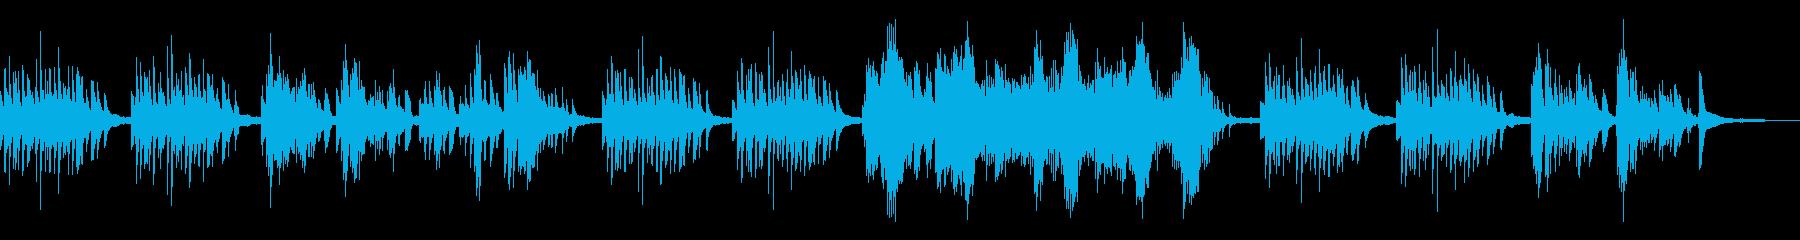 物静かな風景、和風曲6-ピアノソロの再生済みの波形